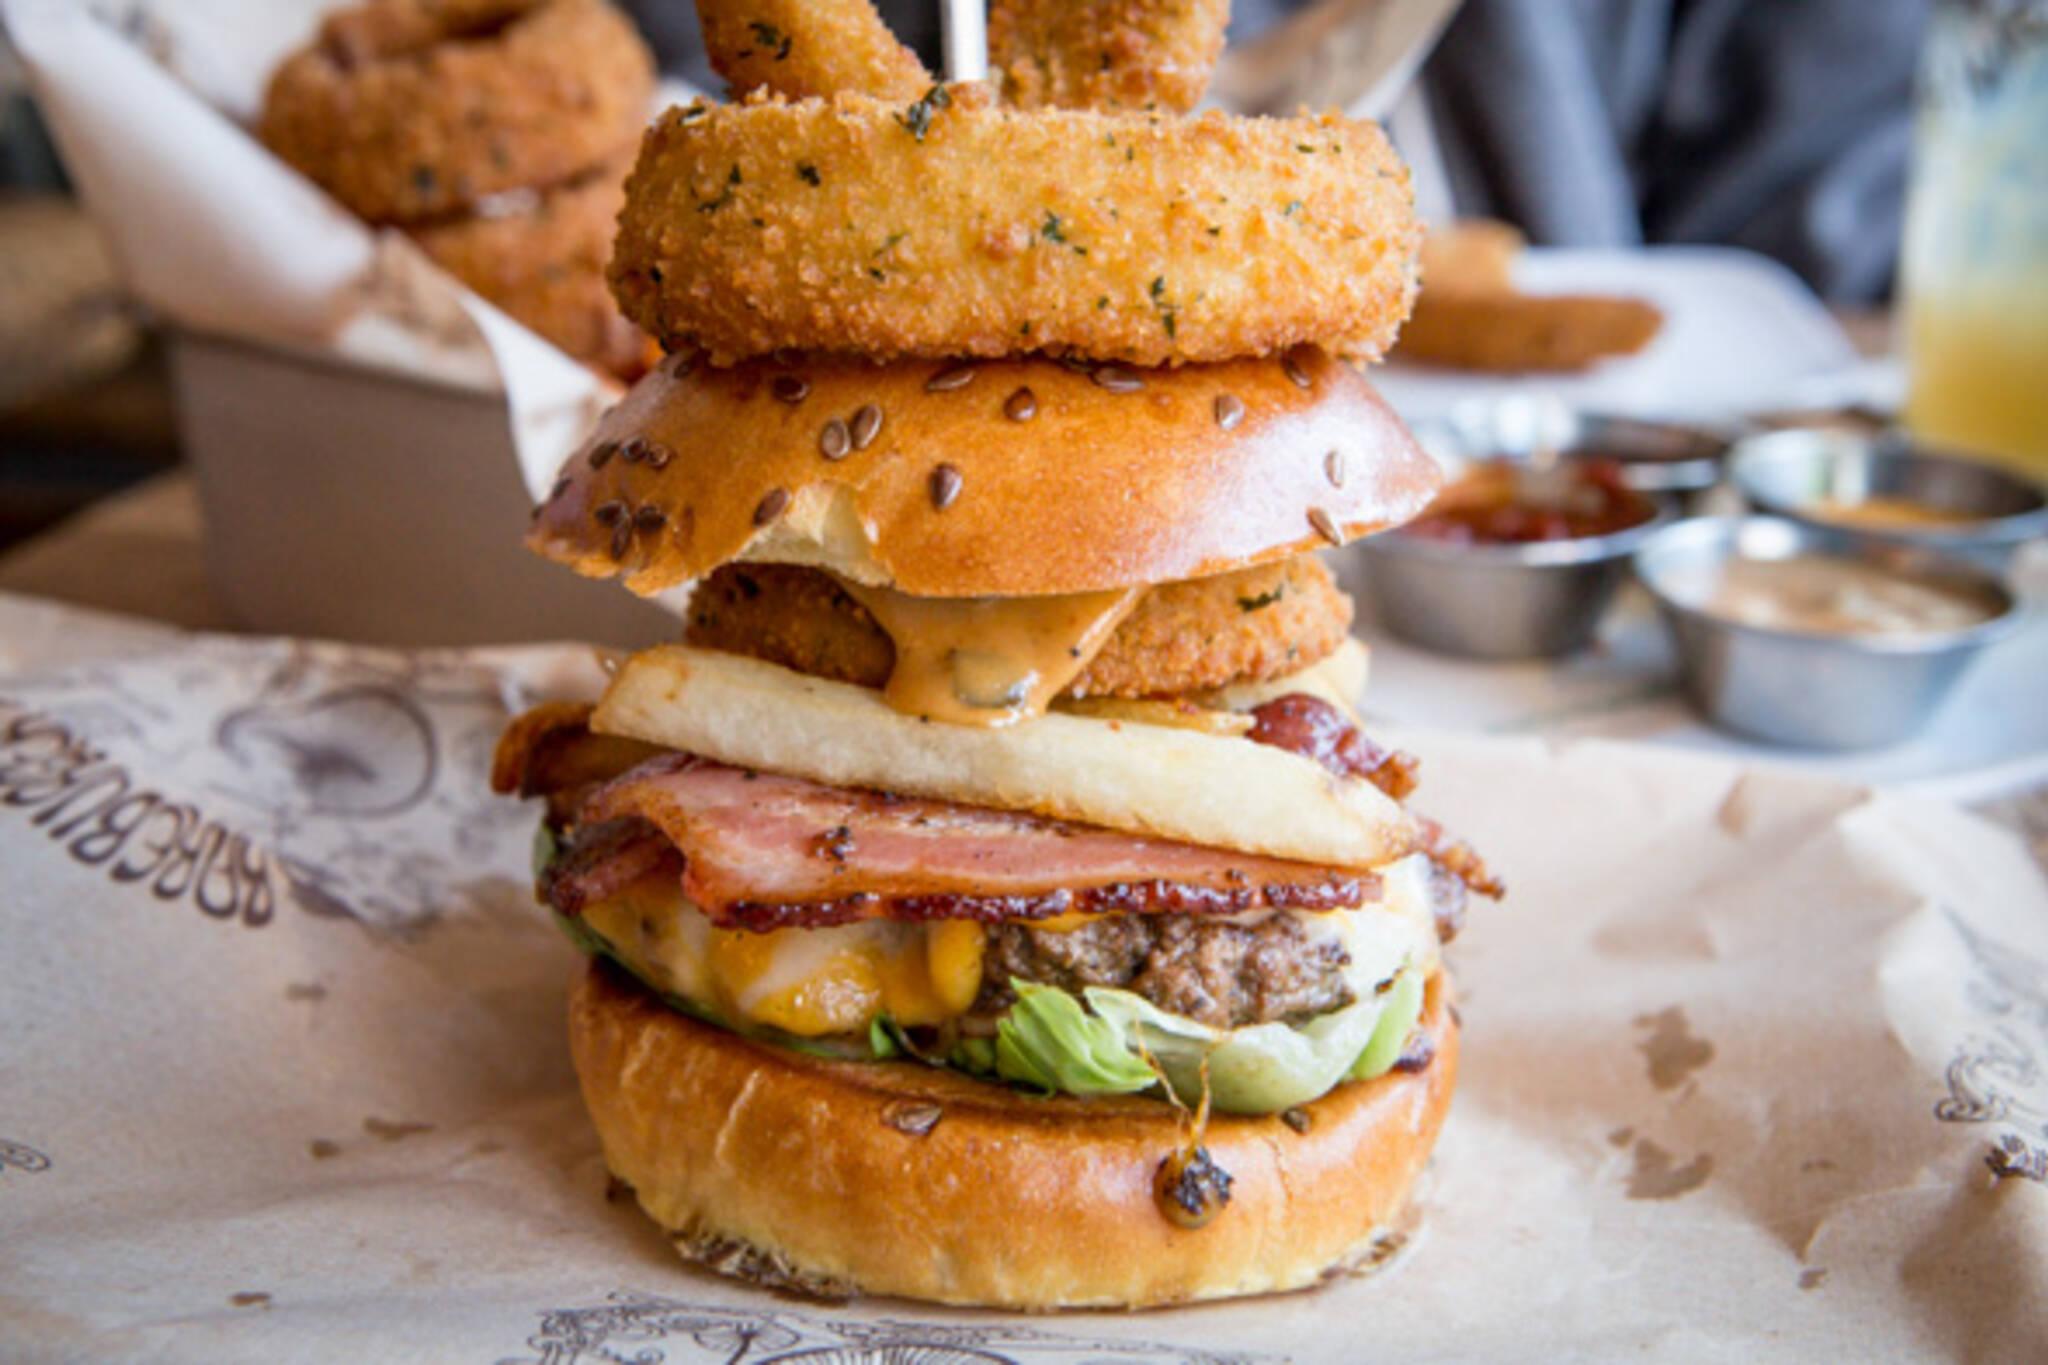 bareburger toronto